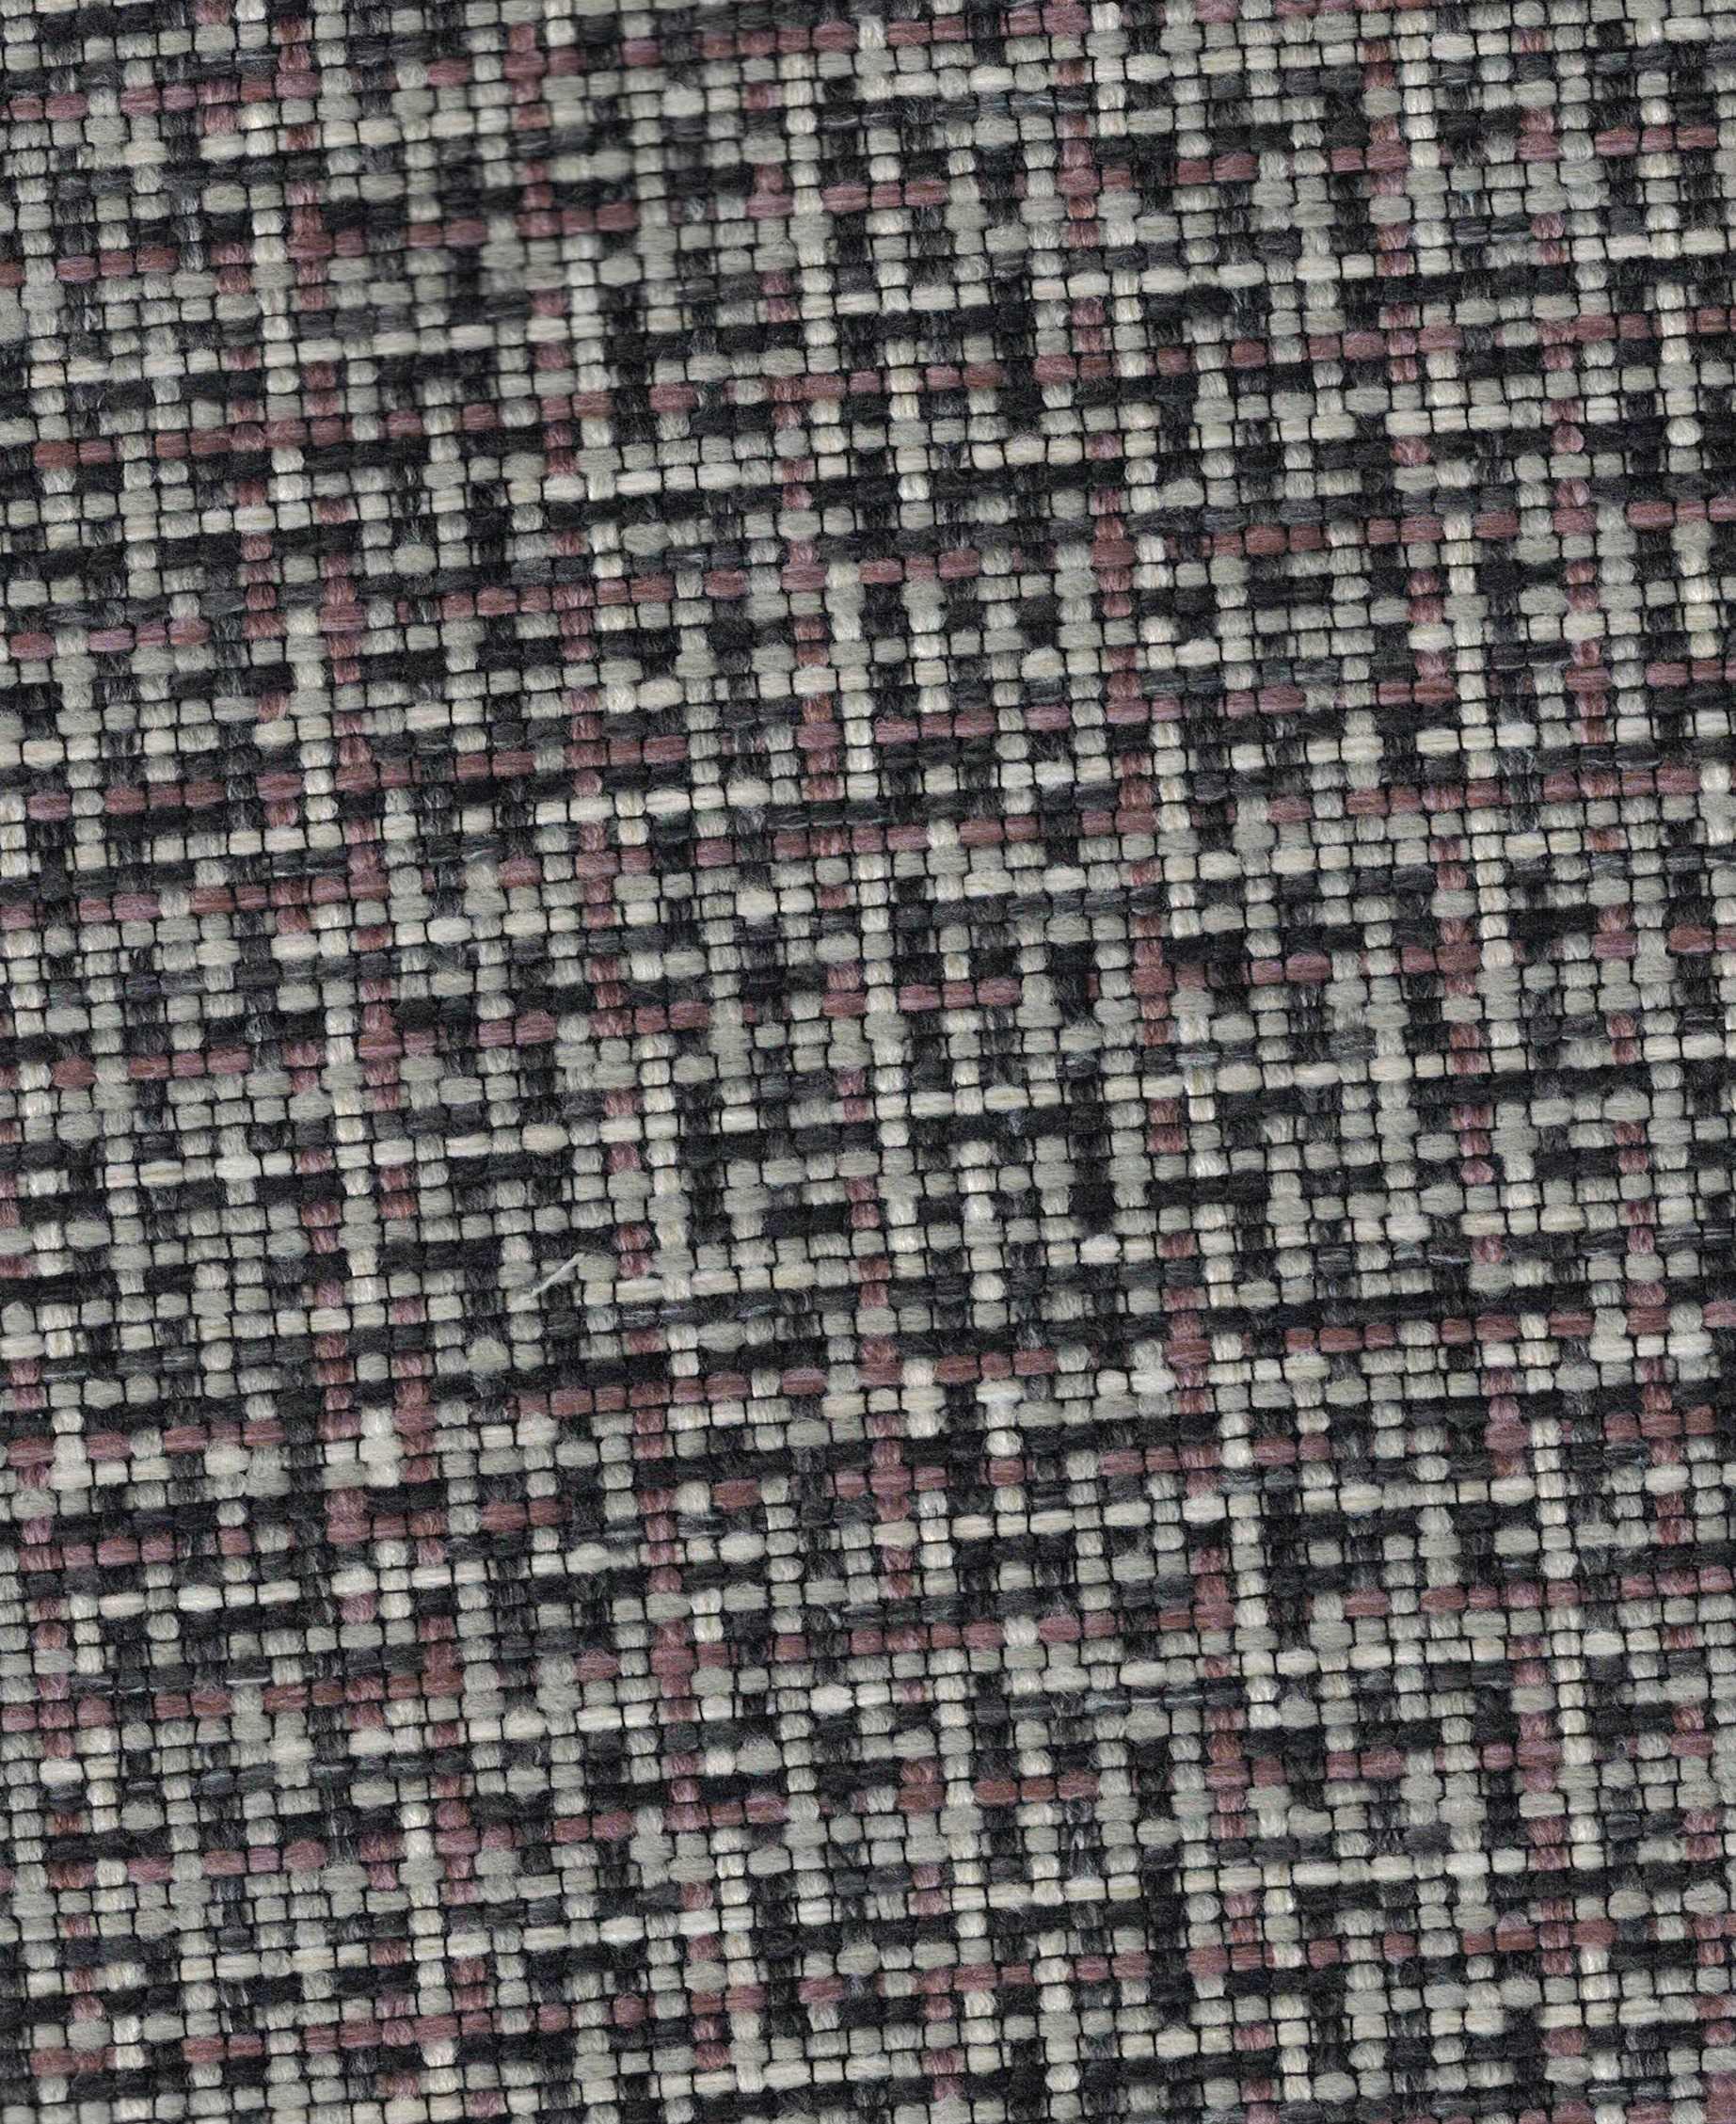 pixel 1385 violet